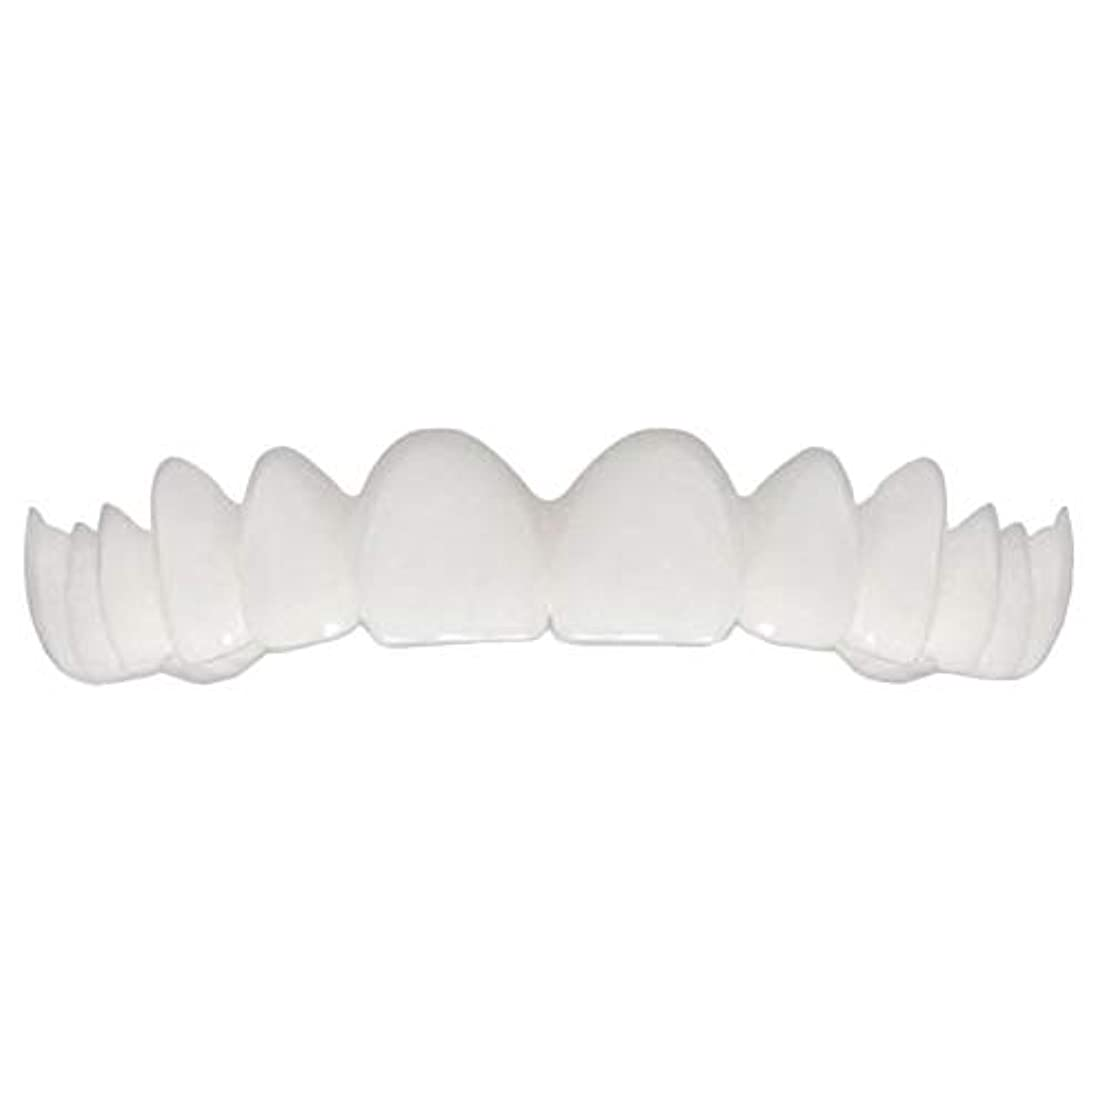 おいしい生きているジャンルユニセックスシリコン模擬義歯、ホワイトニングフィット義歯(2pcs),Upper